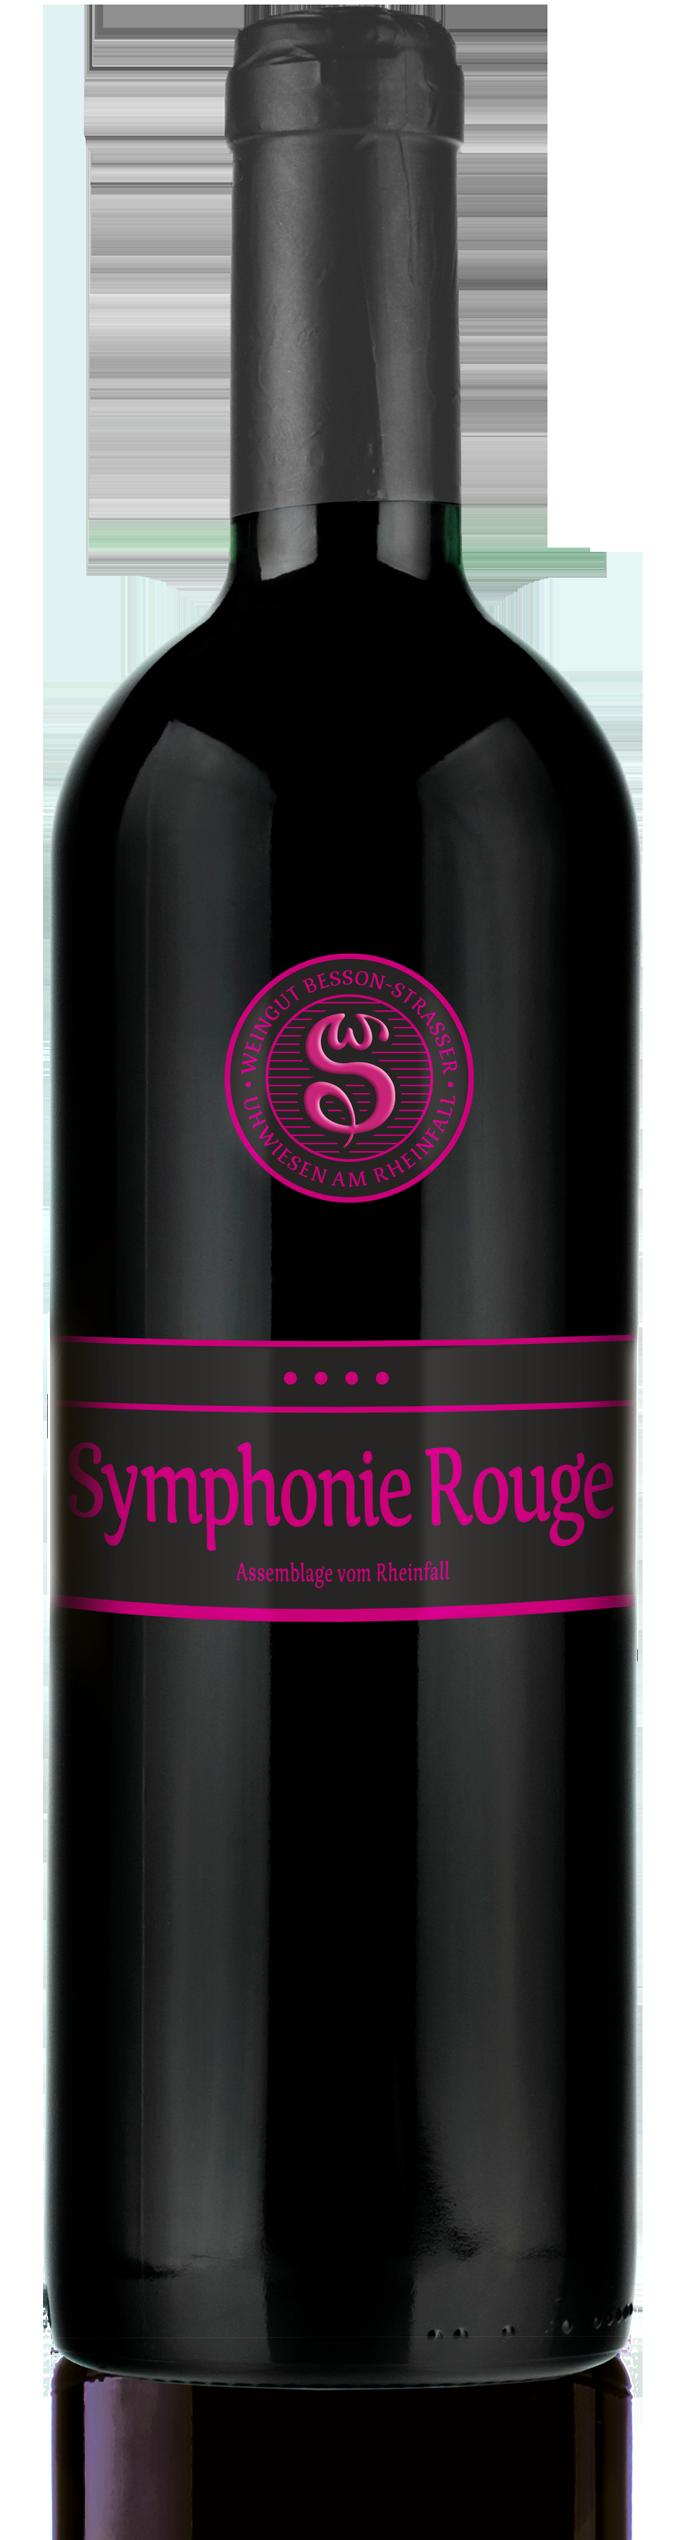 Symphonie Rouge 2018